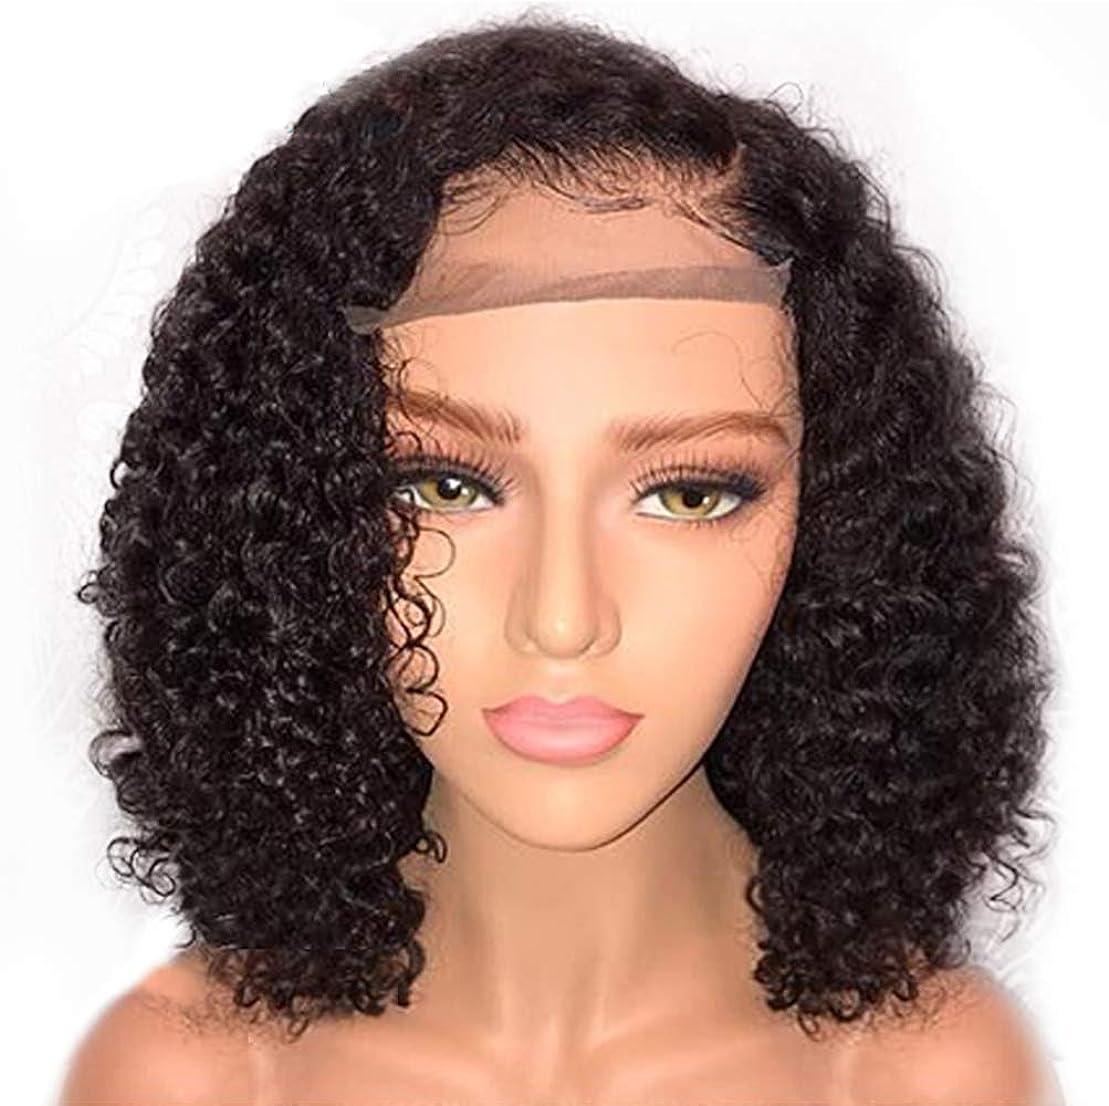 機械的動かない潮女性の巻き毛のかつら合成繊維耐熱高品質かつら無料ウィッグキャップブラック14インチ